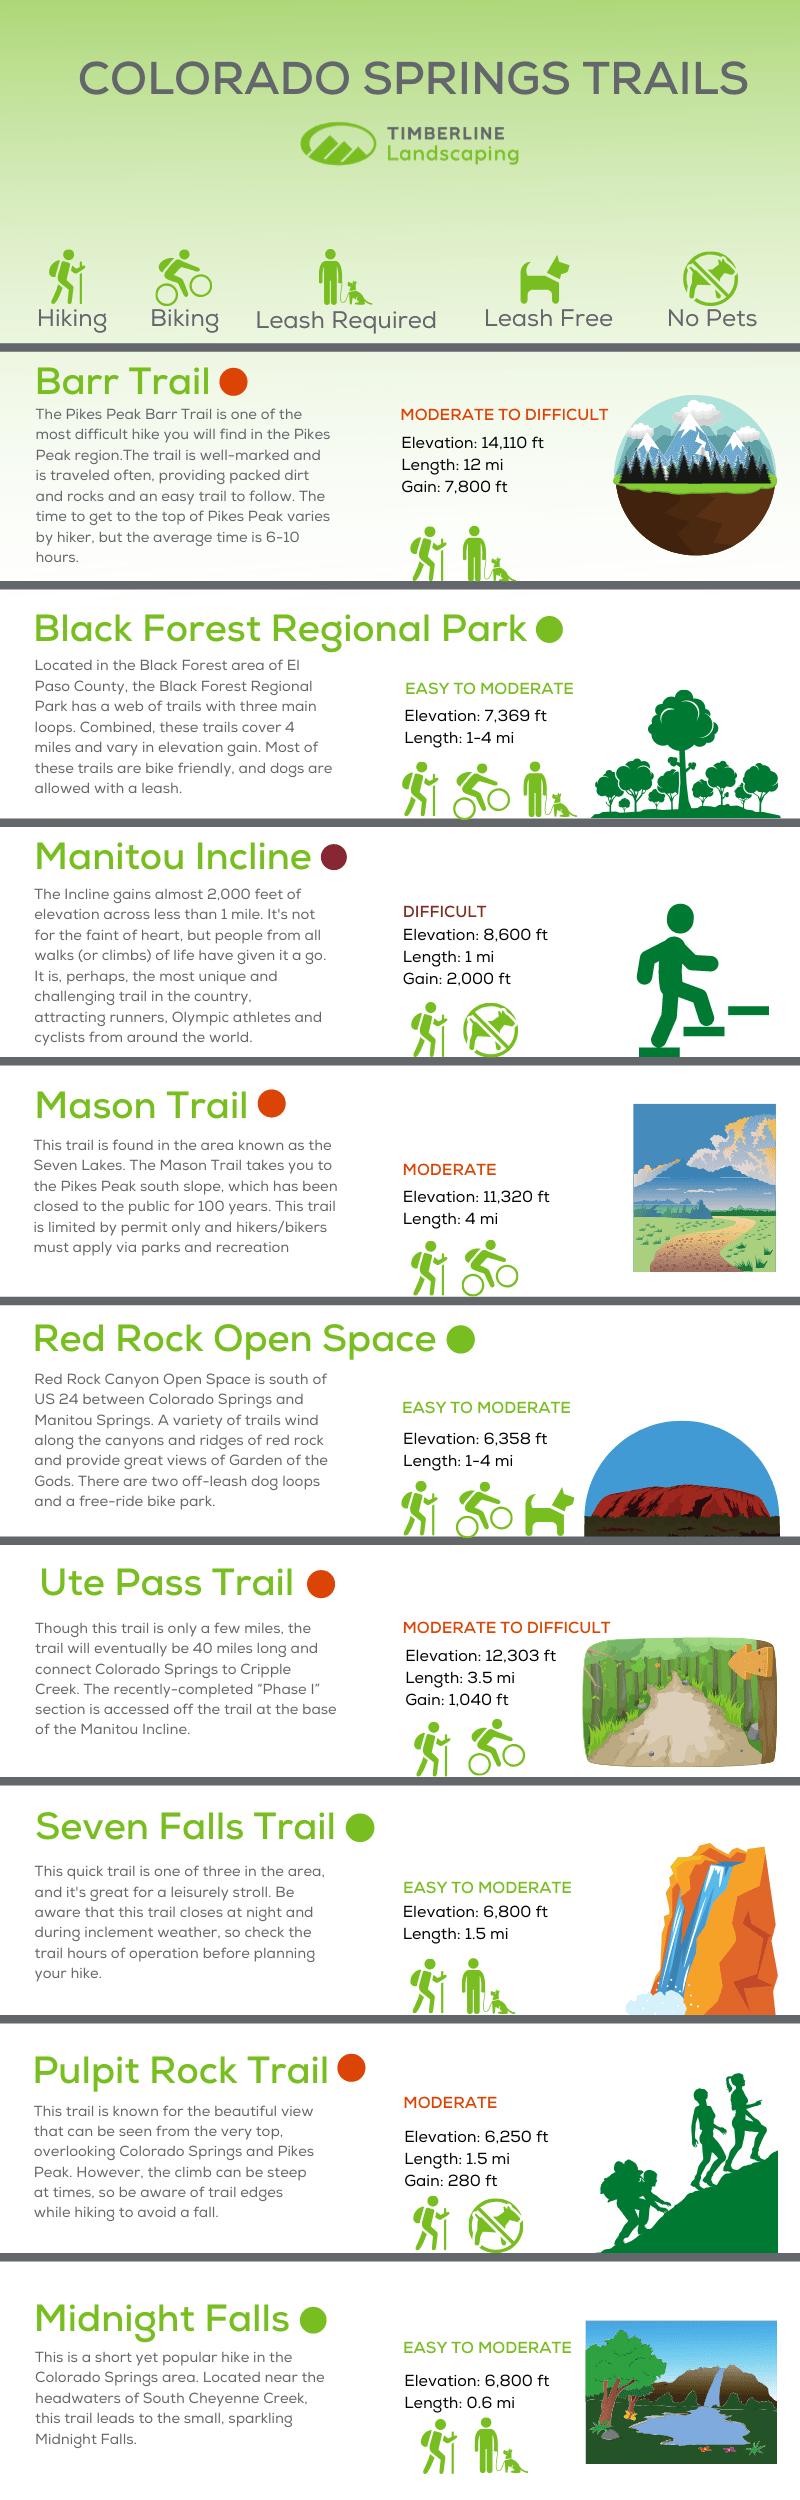 Colorado Springs Trails Guide